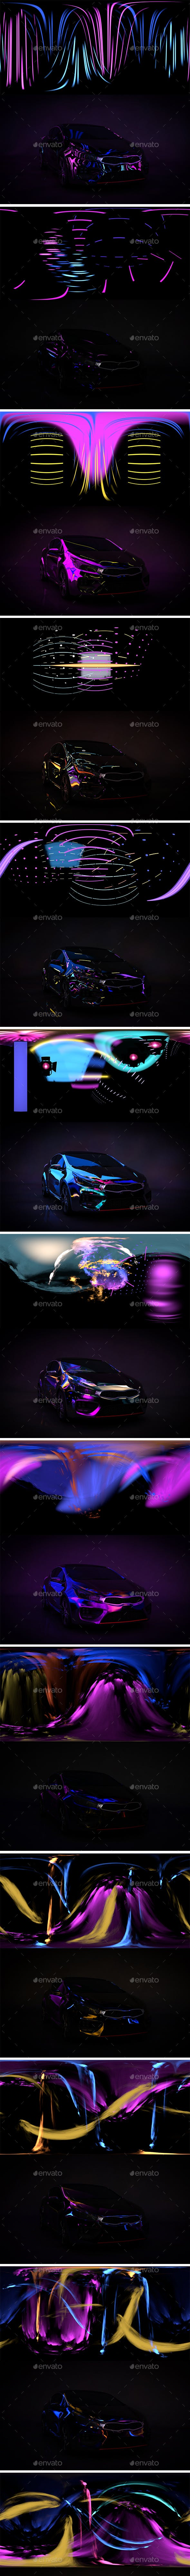 Neon Studio - 3DOcean Item for Sale